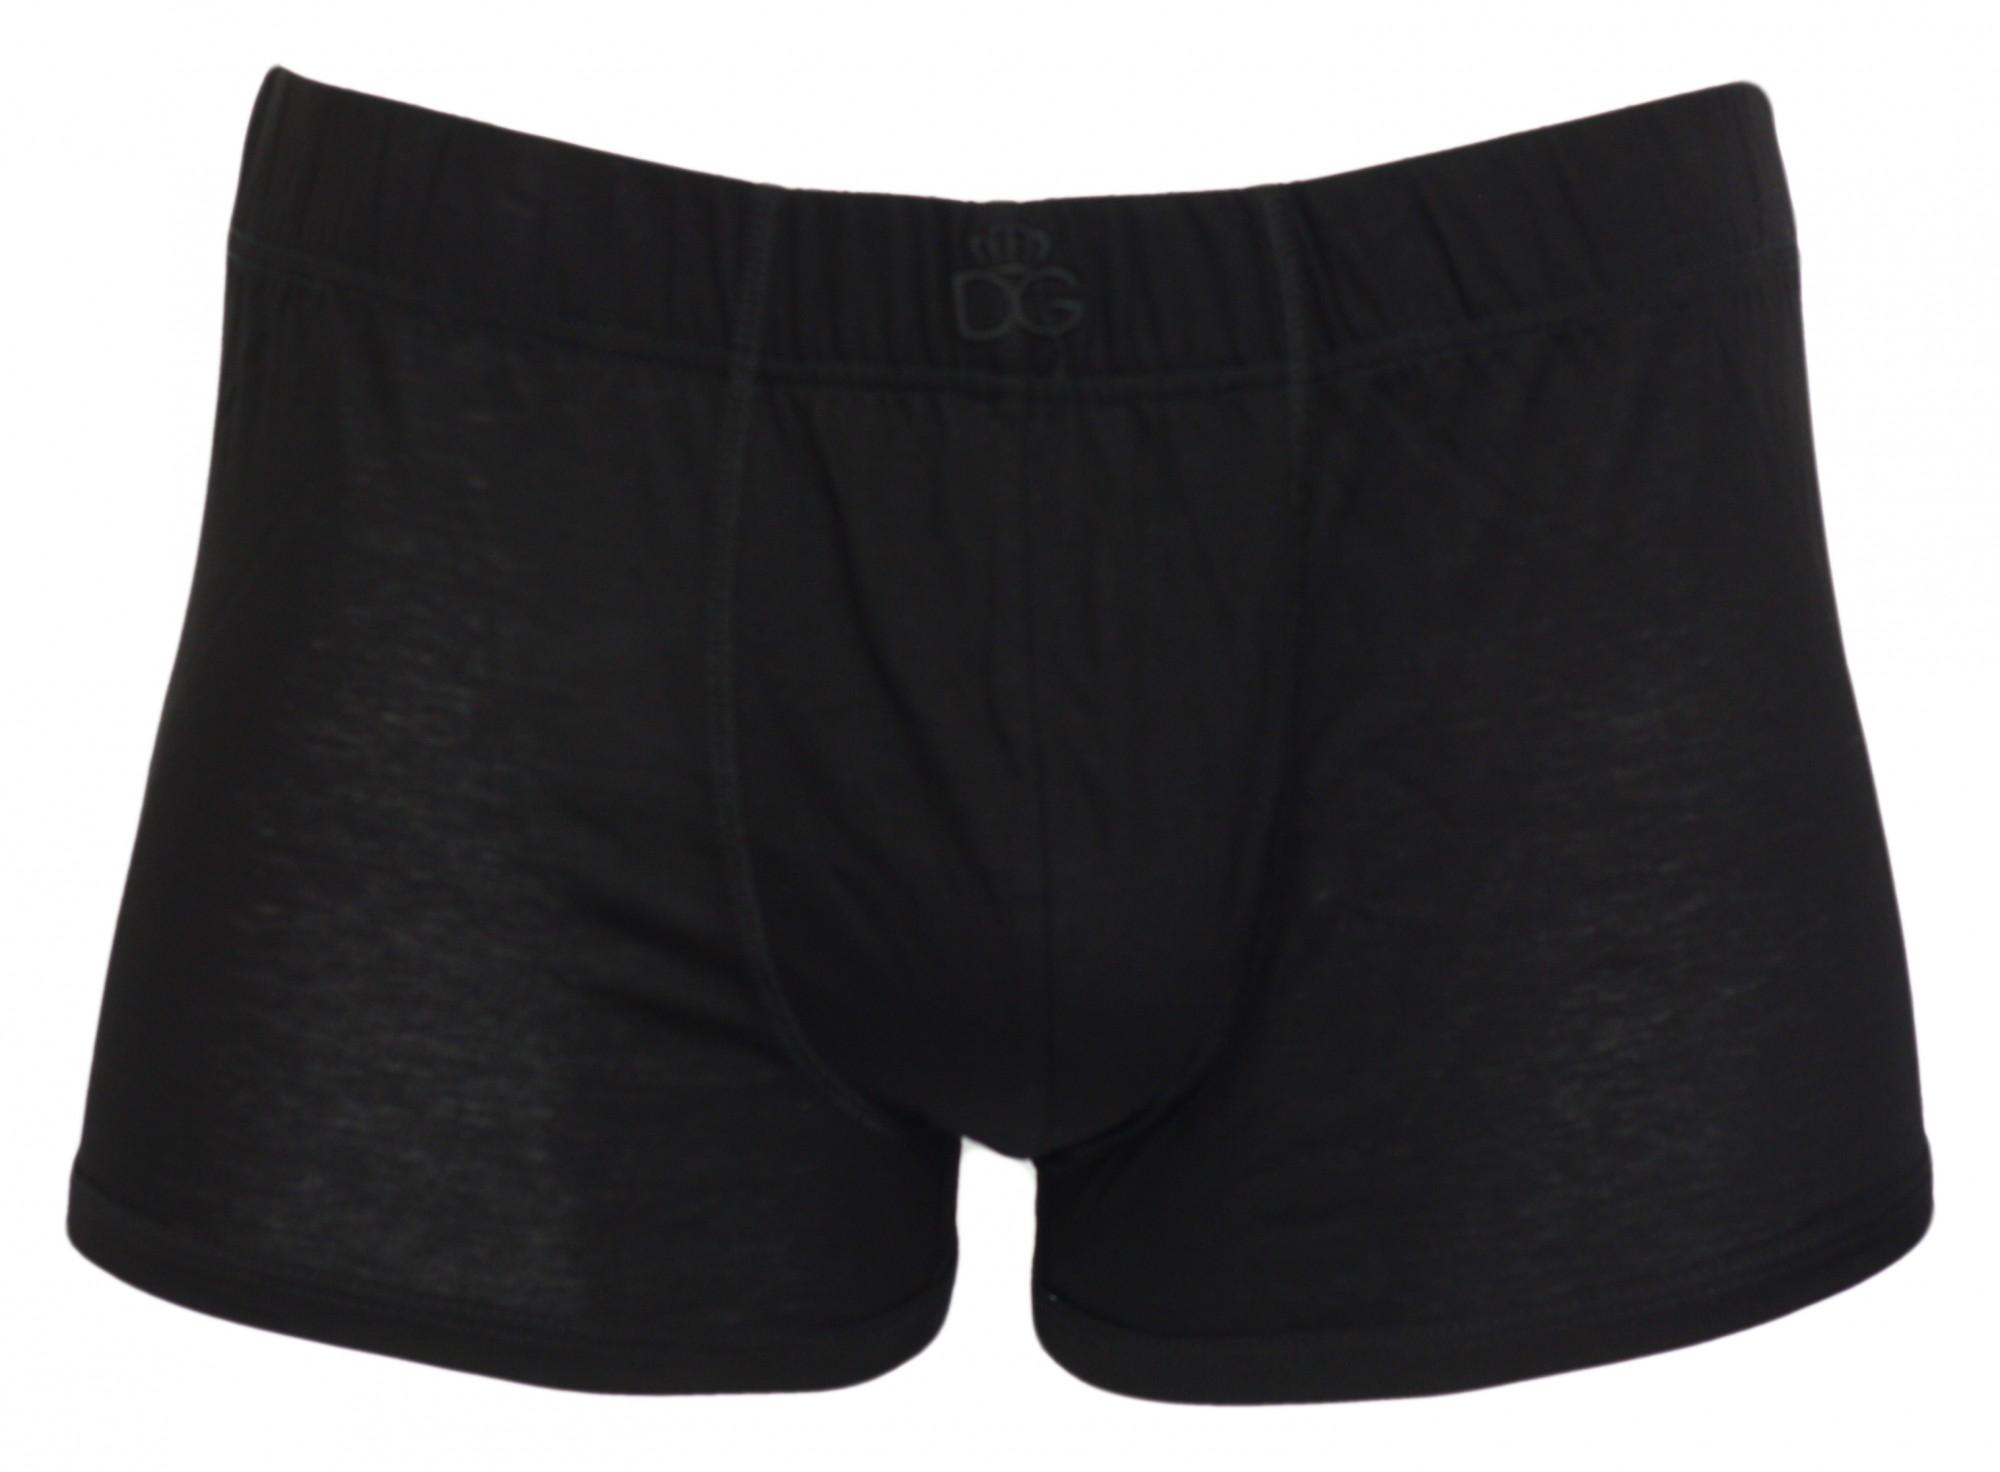 Pánské boxerky M10888 - Dolce Gabbana Barva: černá, Velikost: L